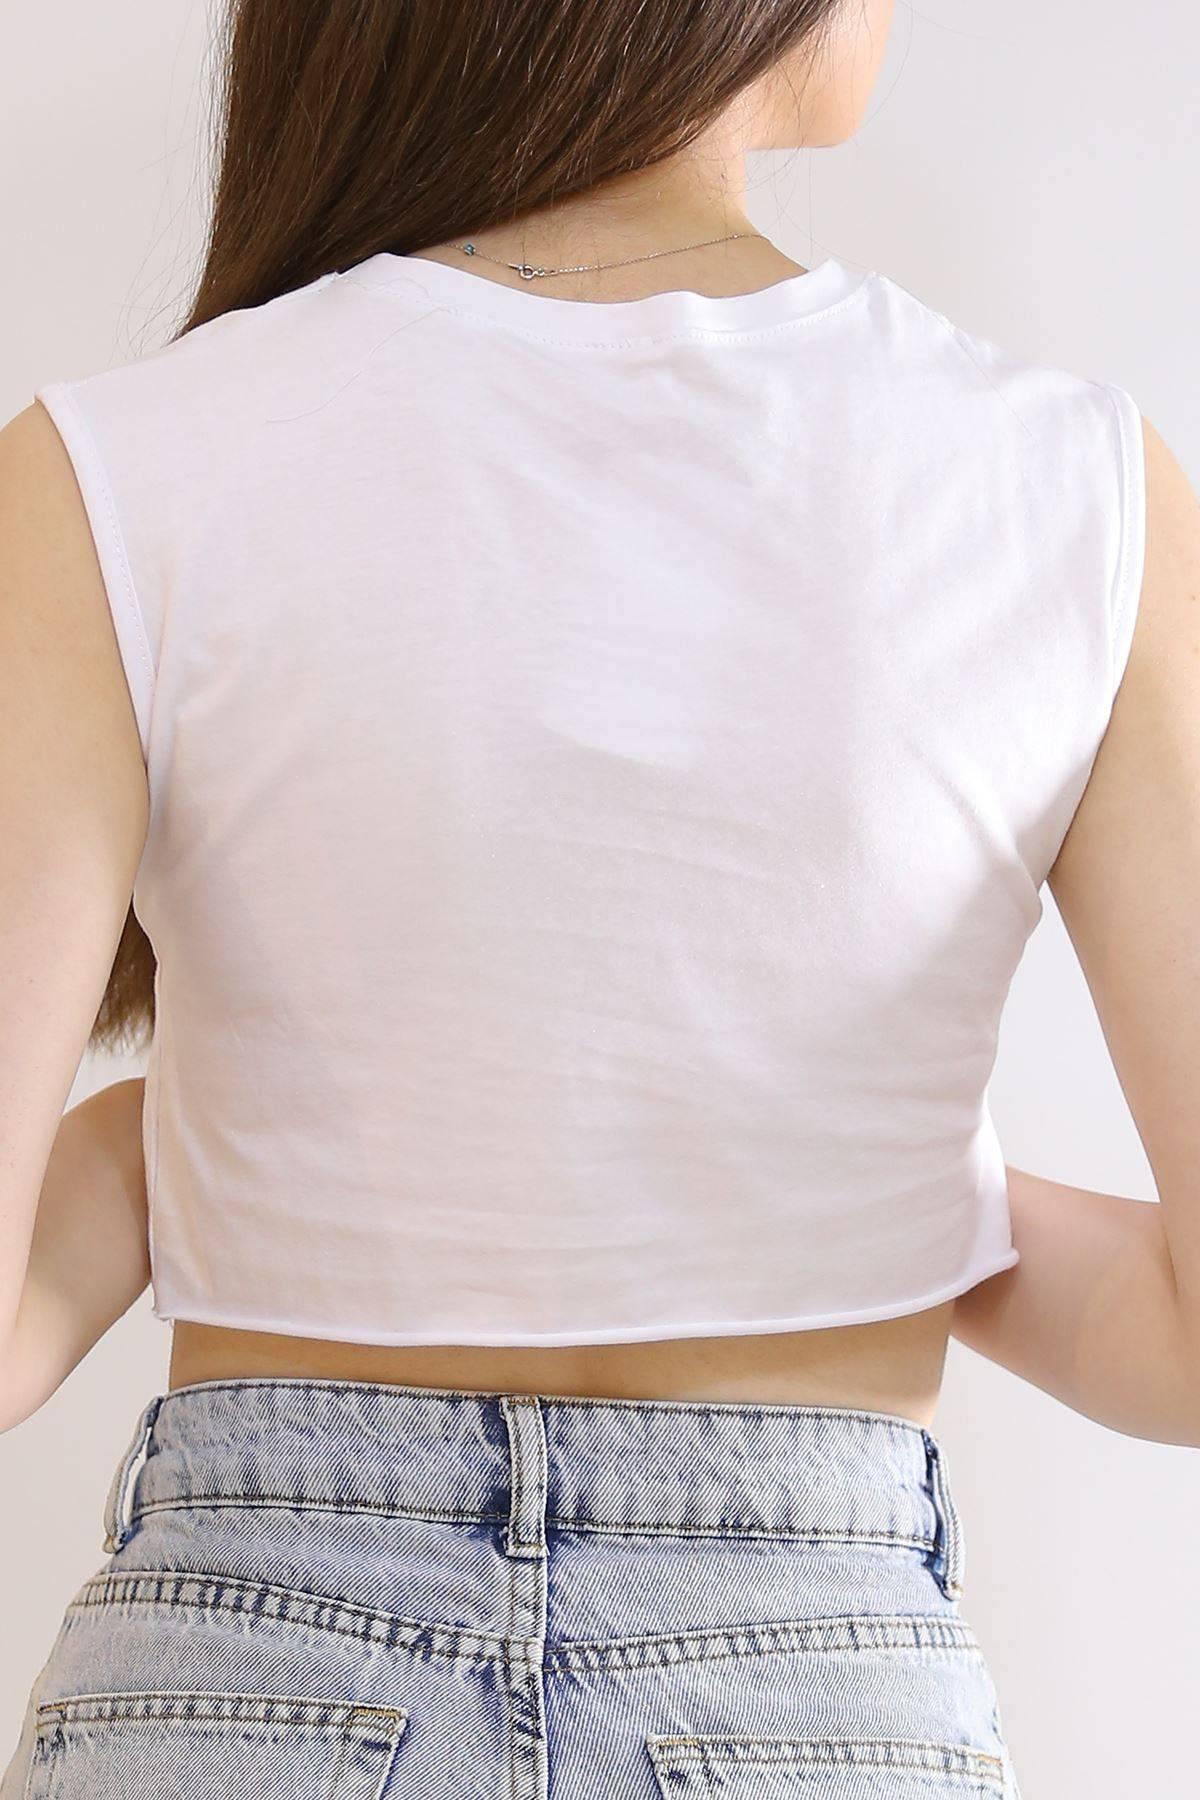 Sıfır Kol Crop Tişört Beyaz - 6073.1247.